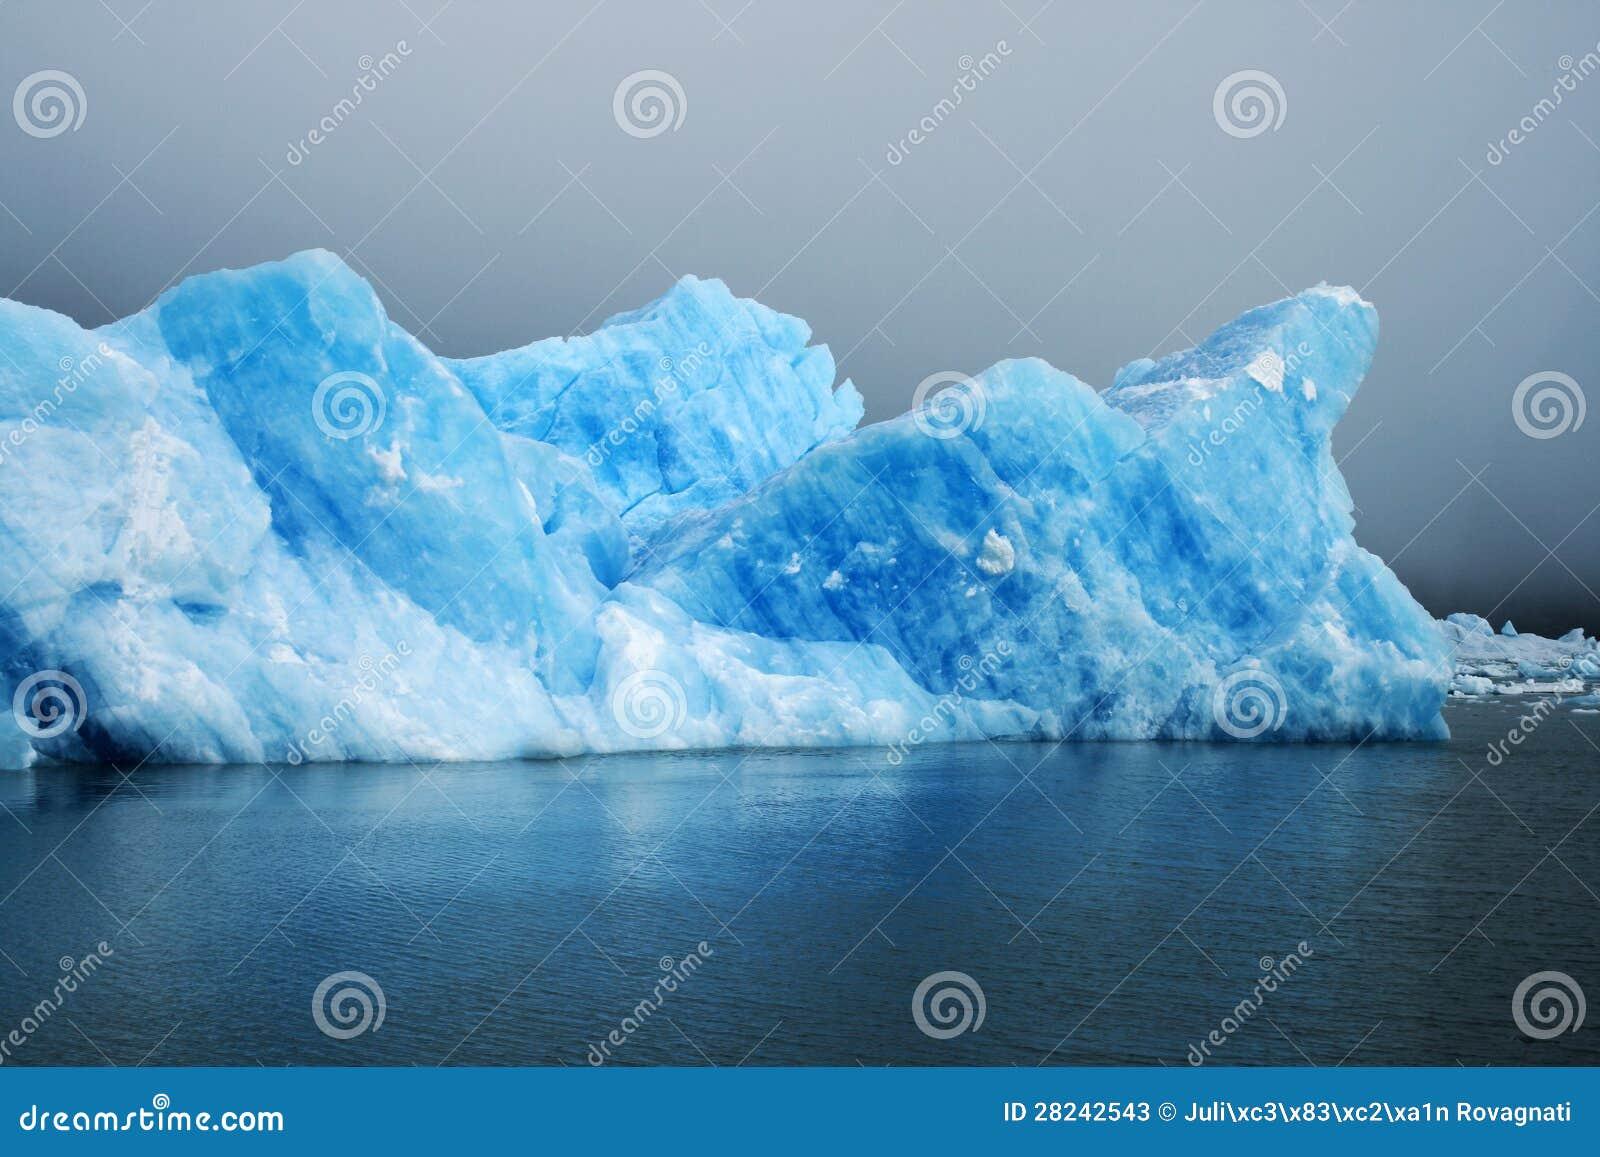 Glaciar de Perito Moreno,